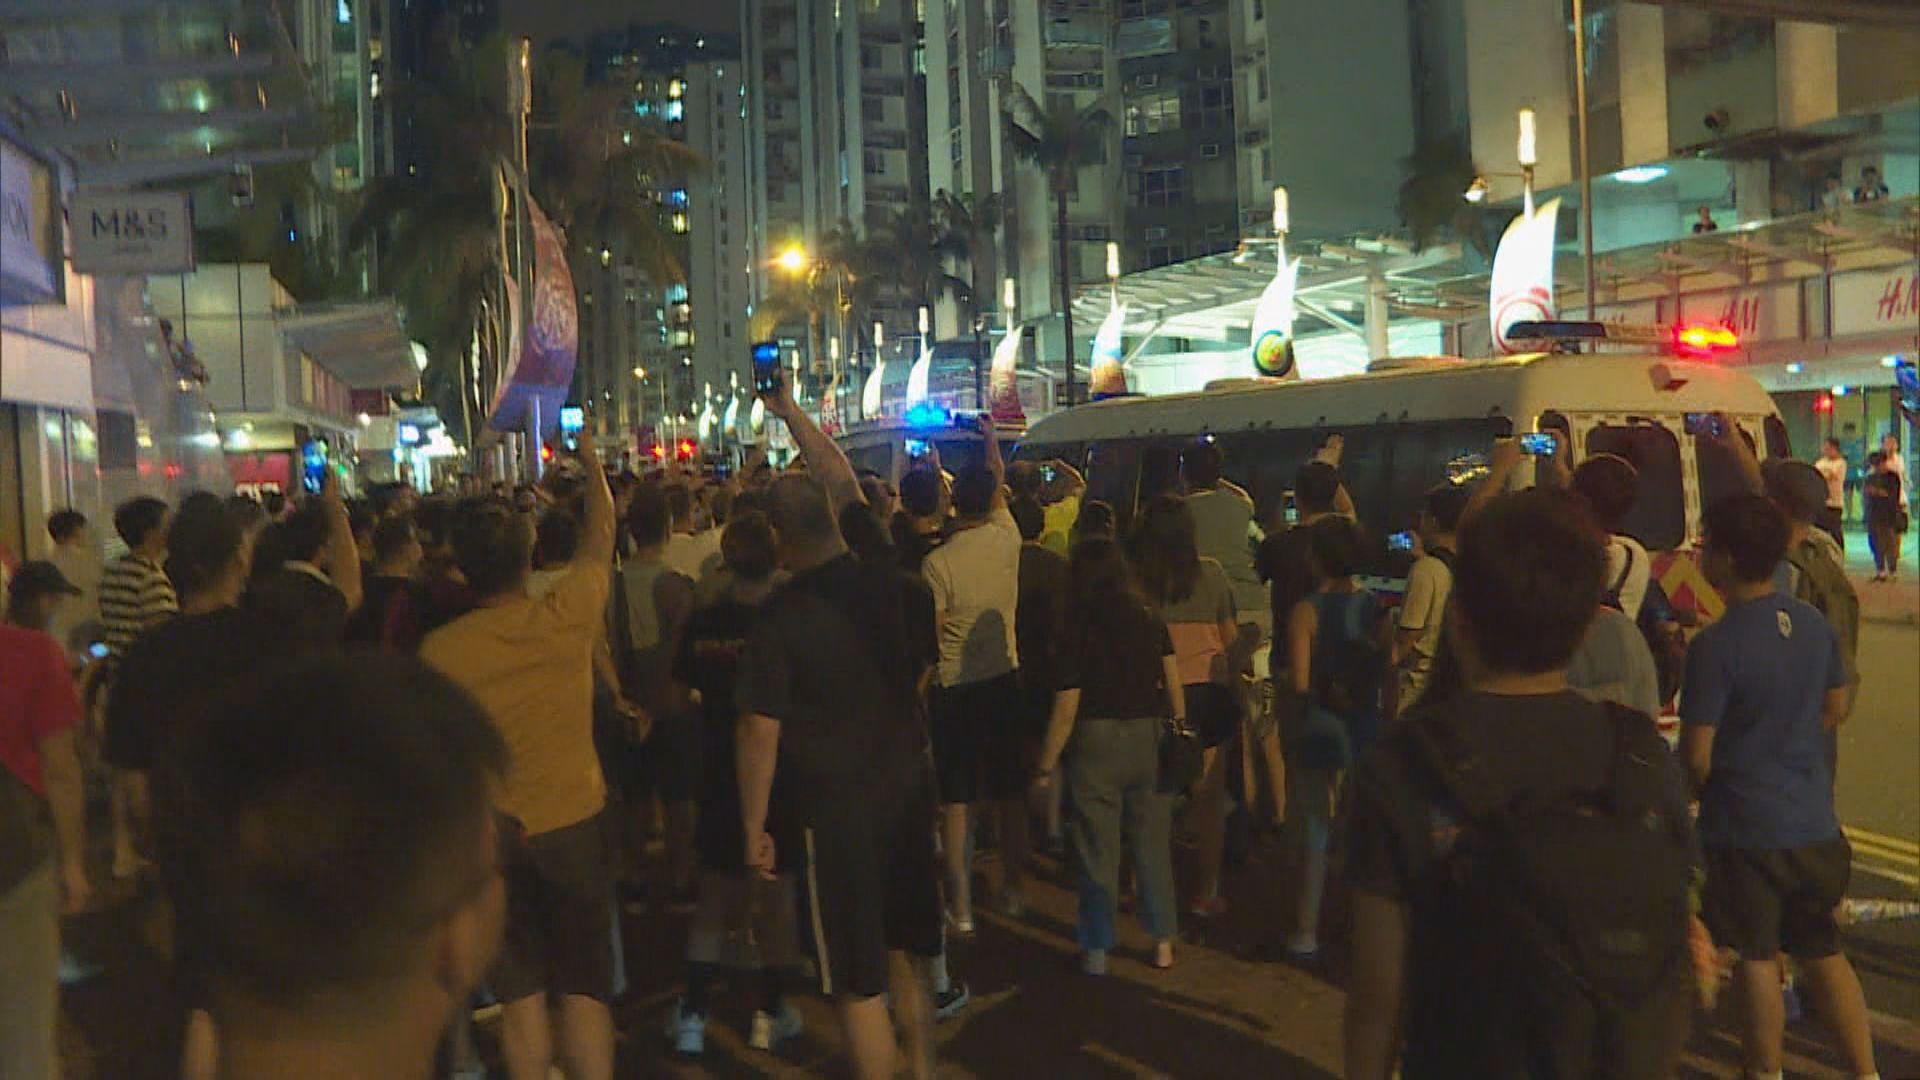 示威者涉上周六襲警及管有爆炸品還柙再訊